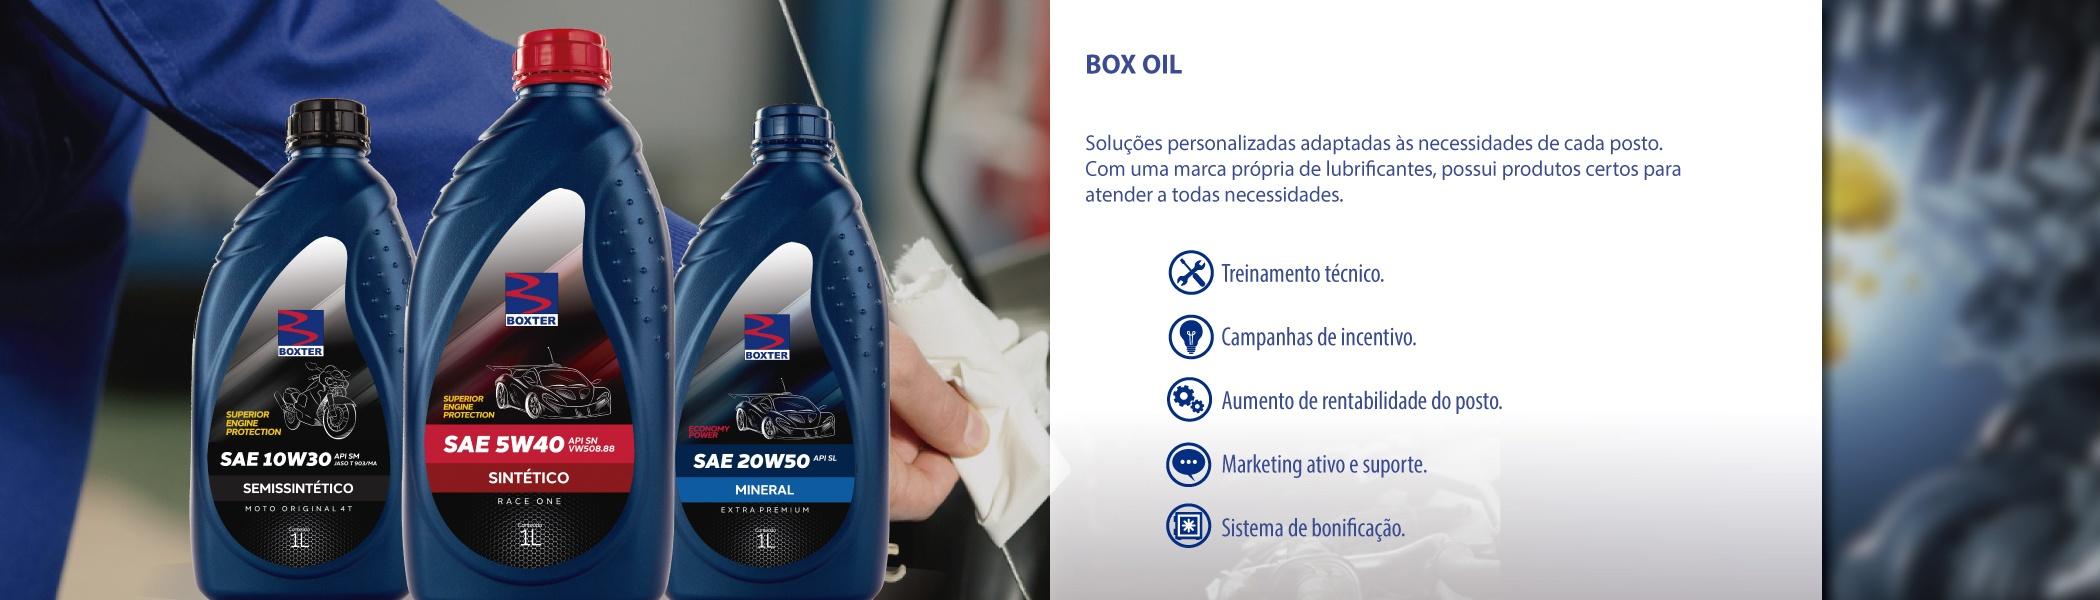 banner-boxter-boxoil-2100x60ff0